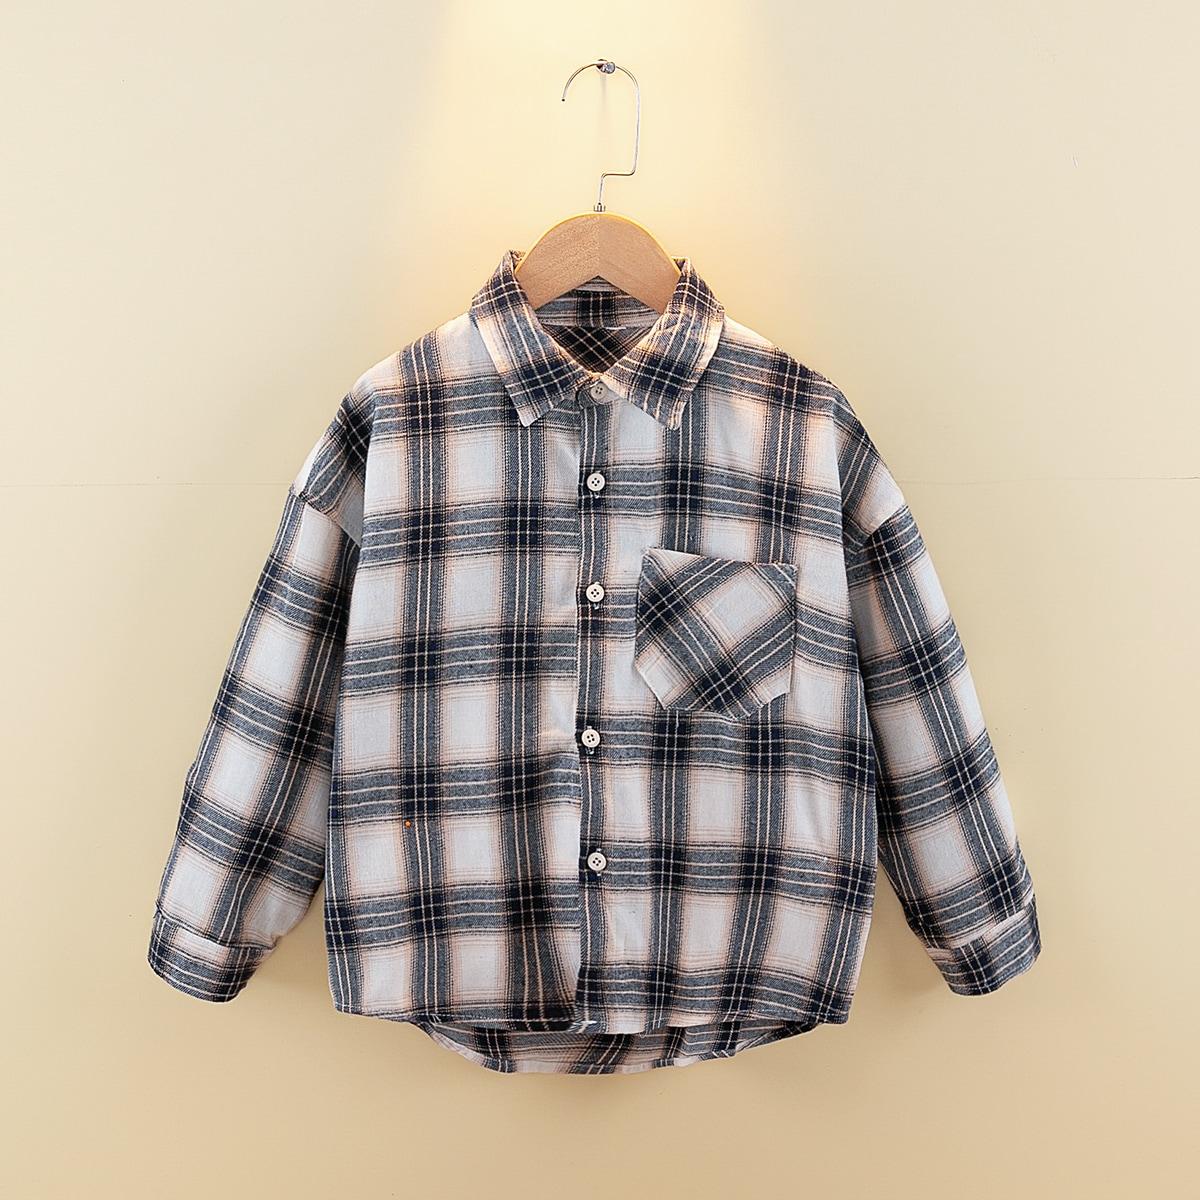 Асимметричная рубашка в клетку для мальчиков